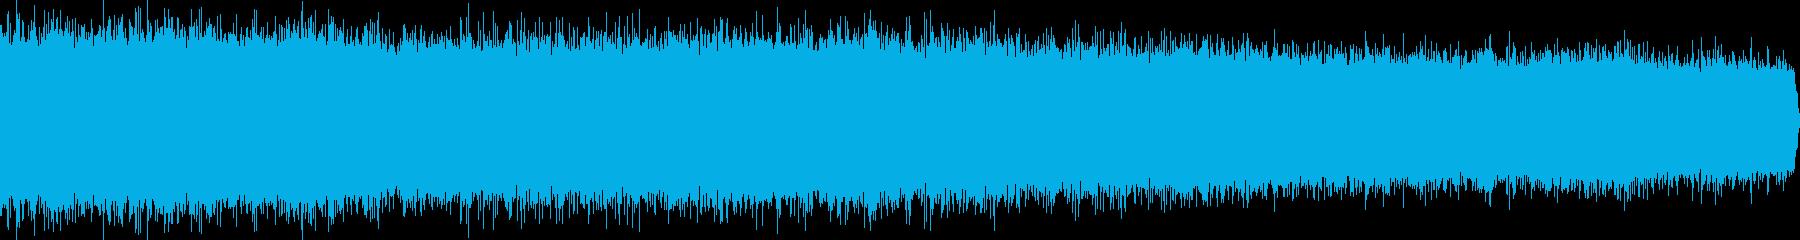 シューという音の再生済みの波形